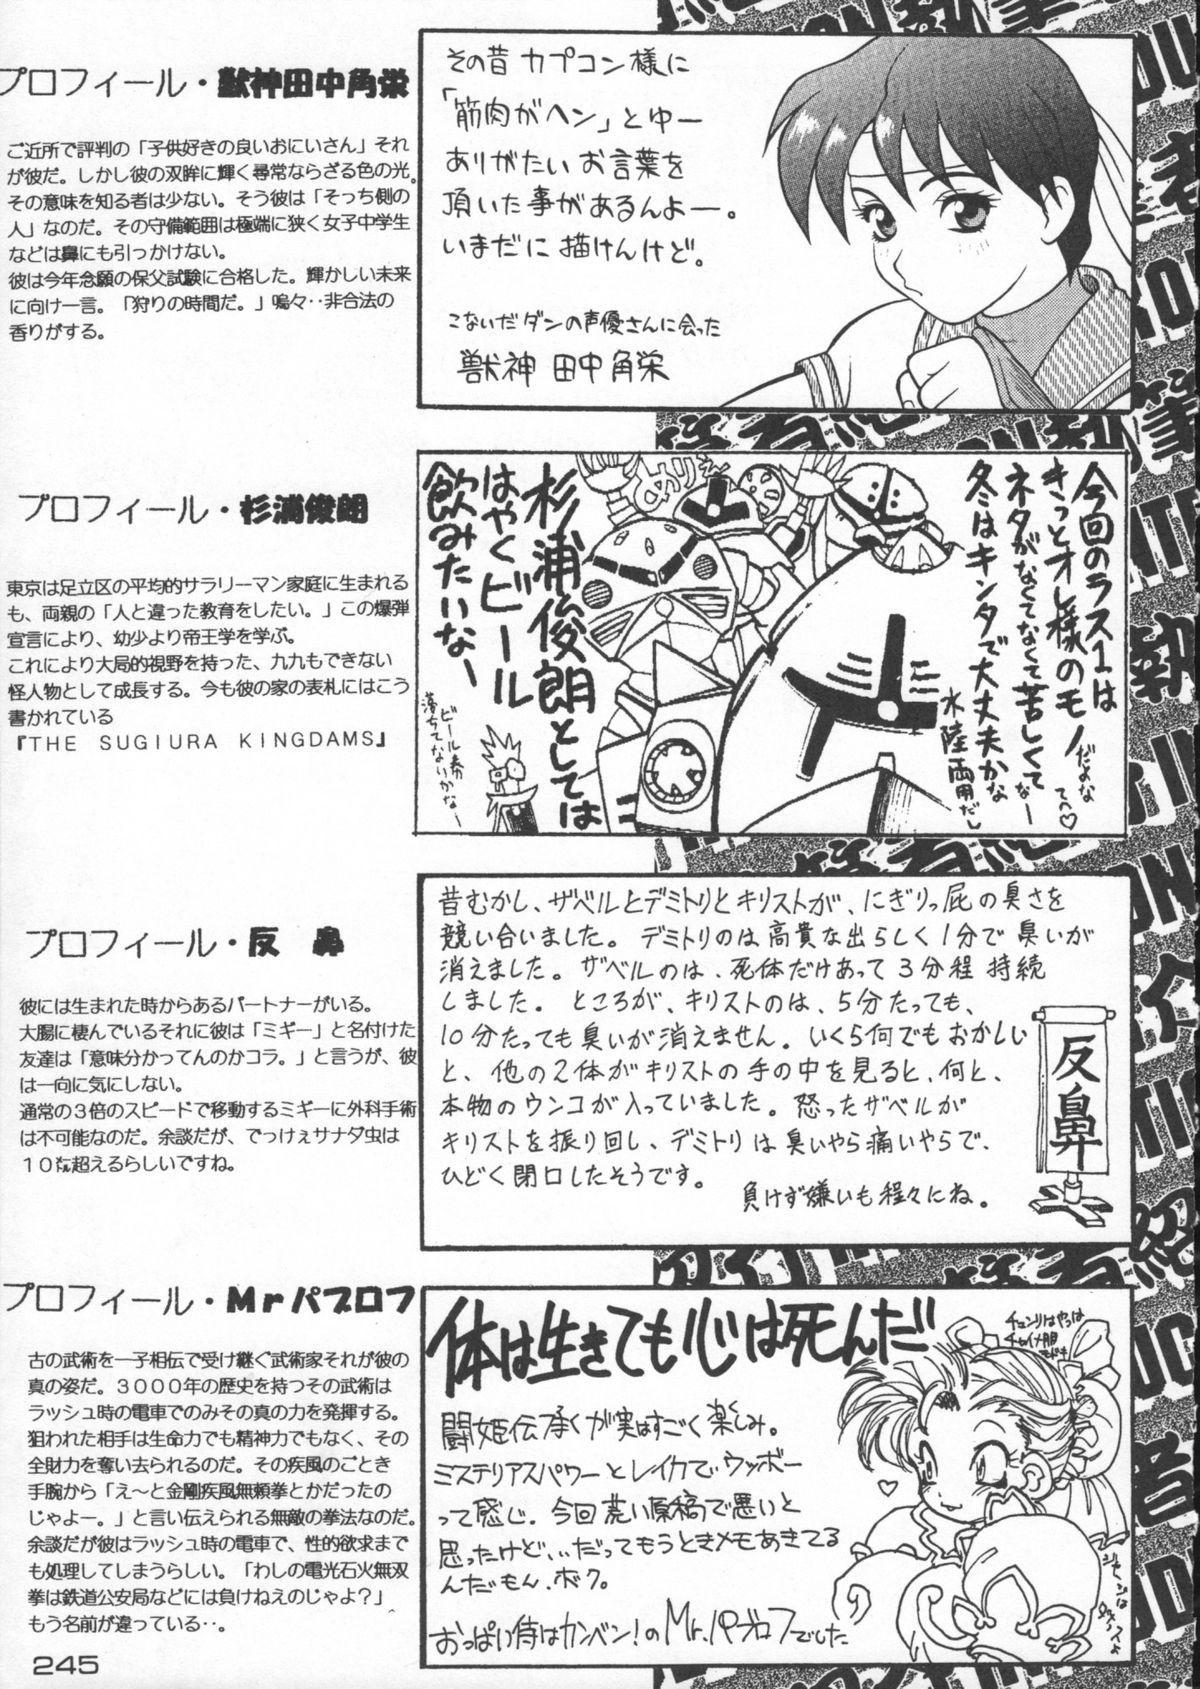 Godzilla vs Curry Aji 245